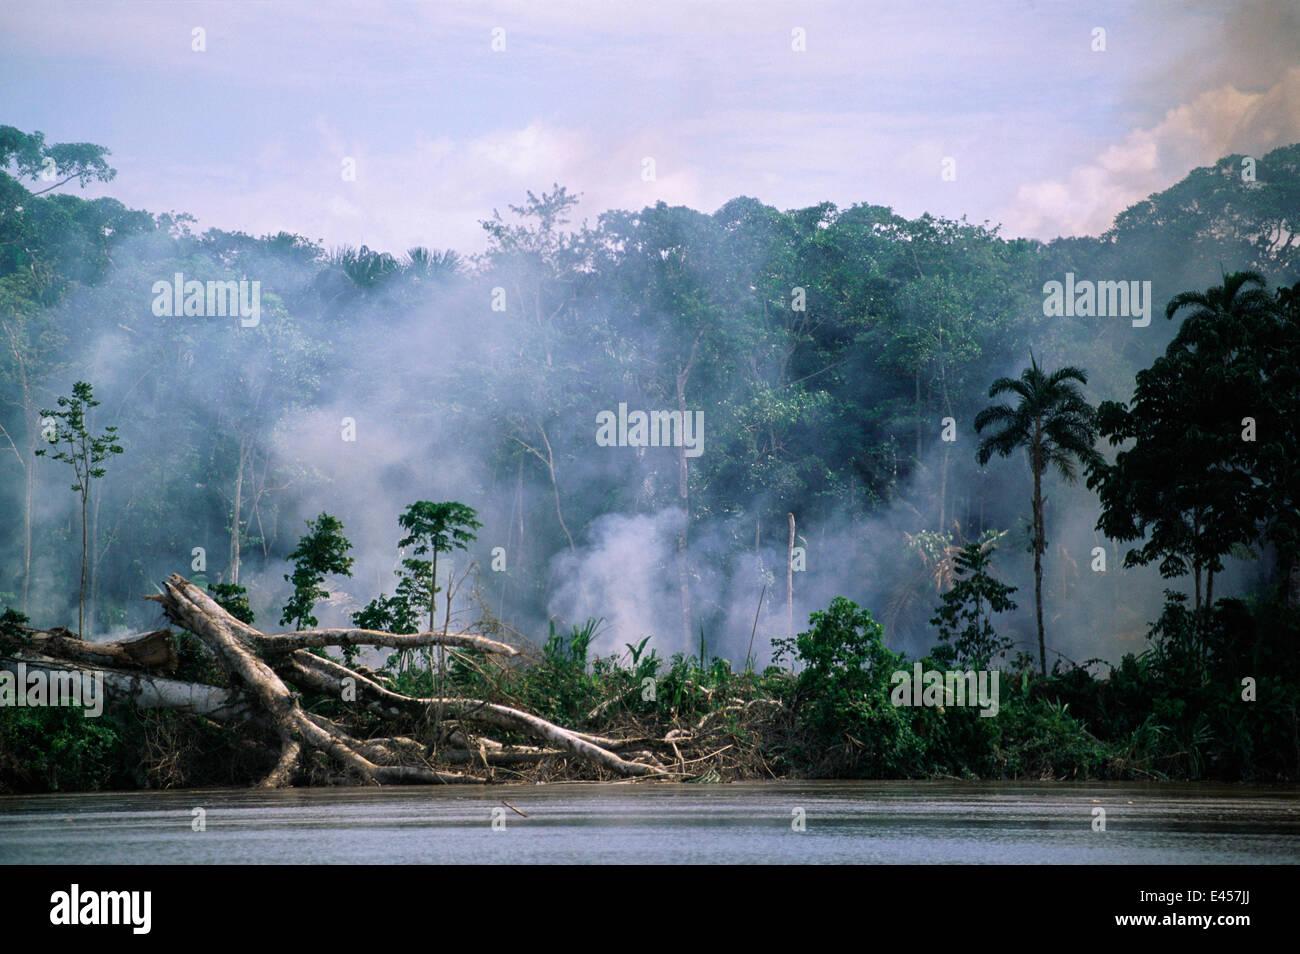 La déforestation - la fumée des feux de forêt amazonienne, le long de la Banque mondiale, de l'Équateur, Photo Stock